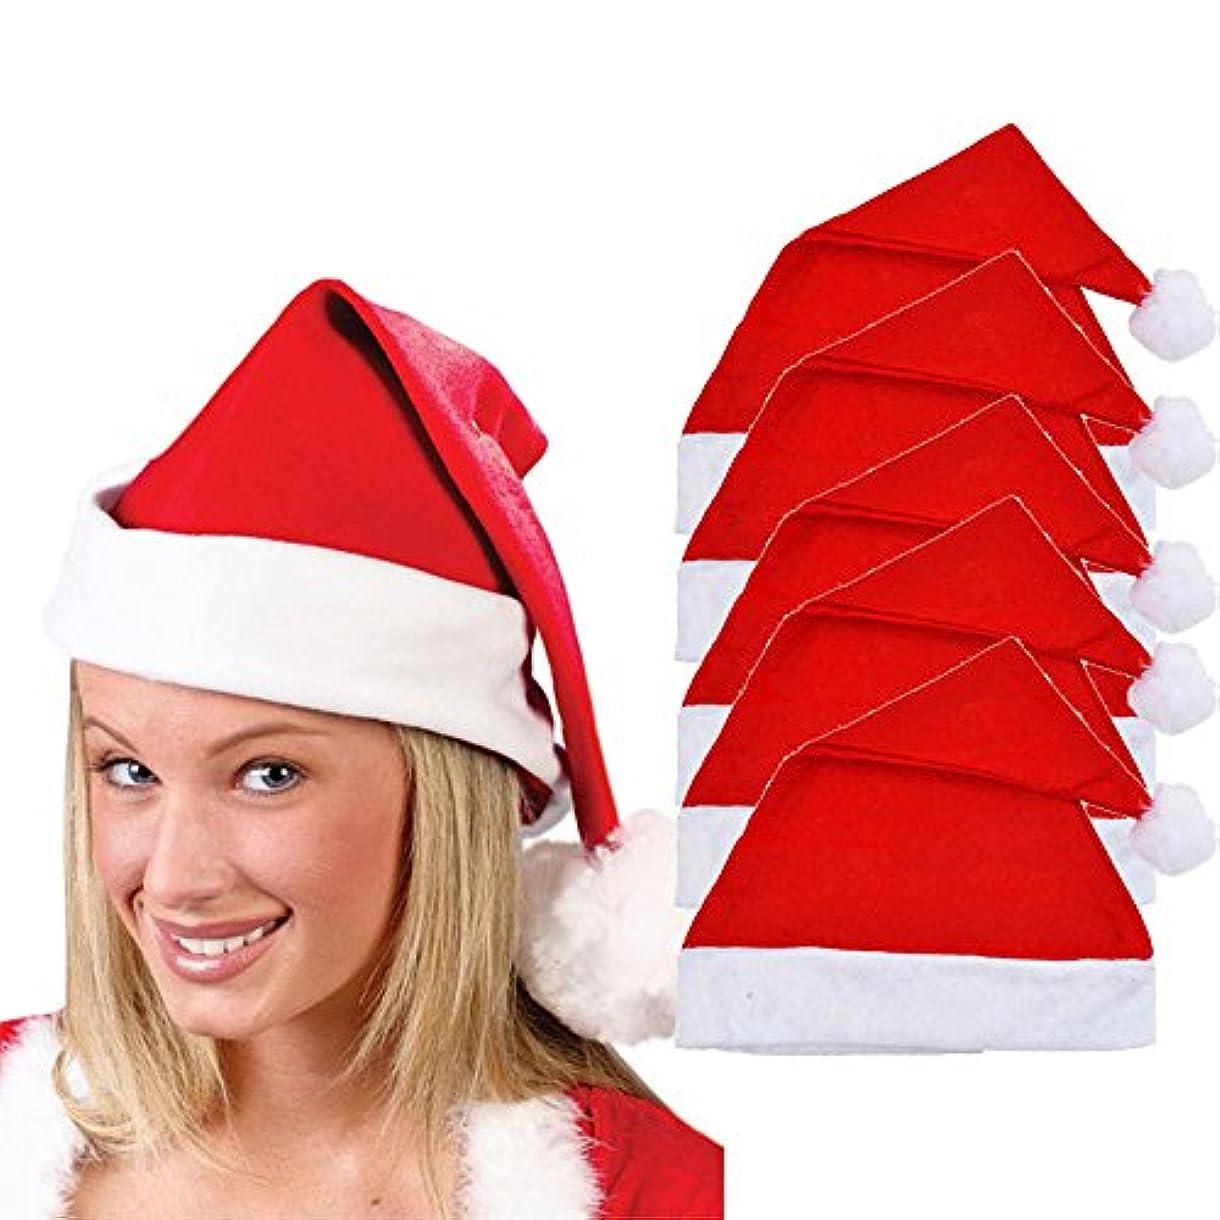 悪化するうまくいけば議会Racazing クリスマスハット 5つの レッド Hat ライト ドームキャップ 防寒対策 通気性のある 防風 ニット帽 暖かい 軽量 屋外 スキー 自転車 クリスマス 男女兼用 Christmas Cap